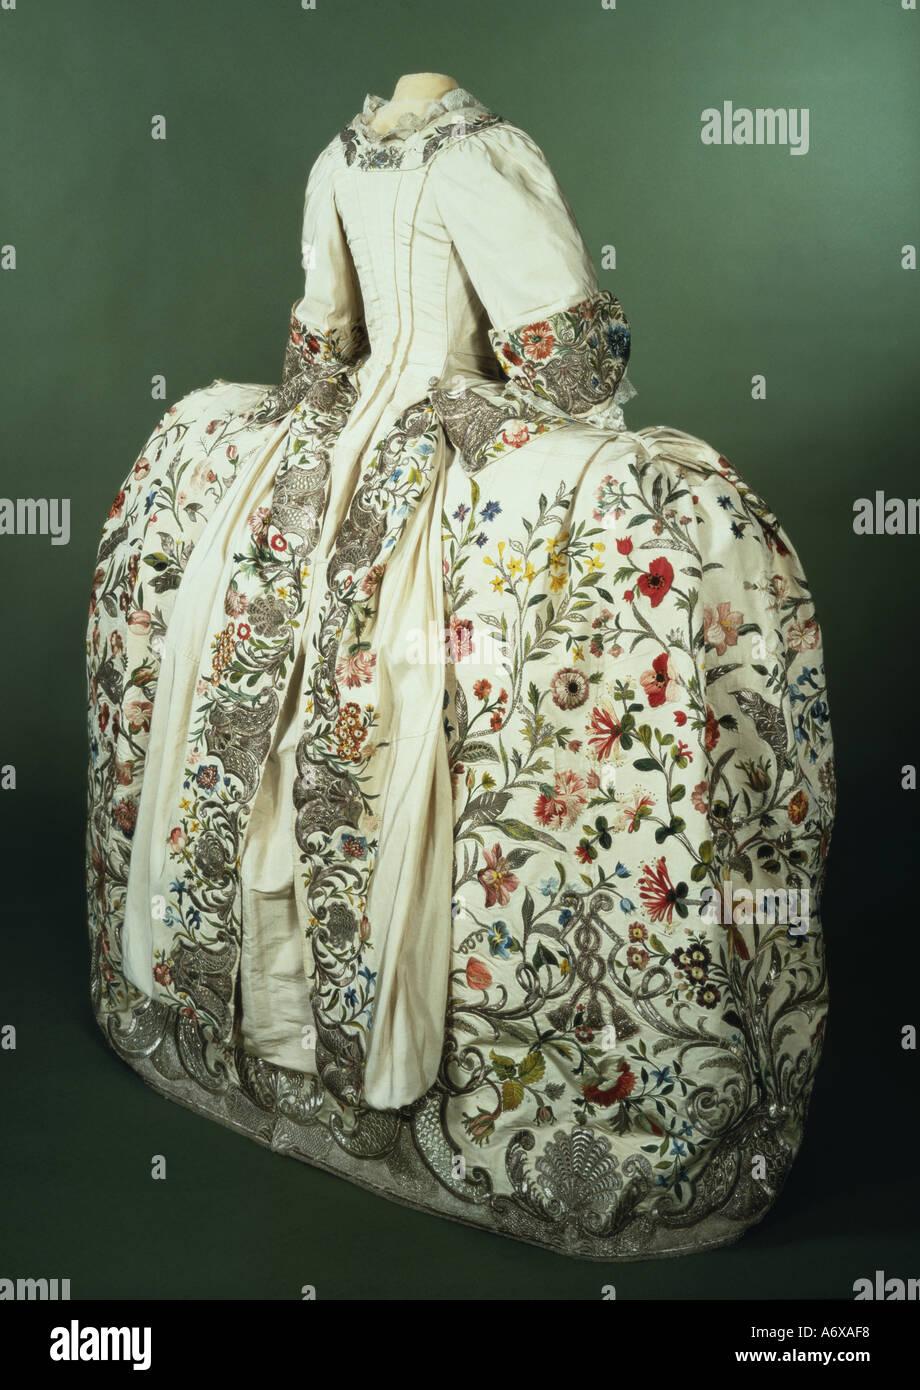 Mantoue et le jupon. Fil d'argent et de soie brodé. L'Angleterre, milieu du 18e siècle. Photo Stock